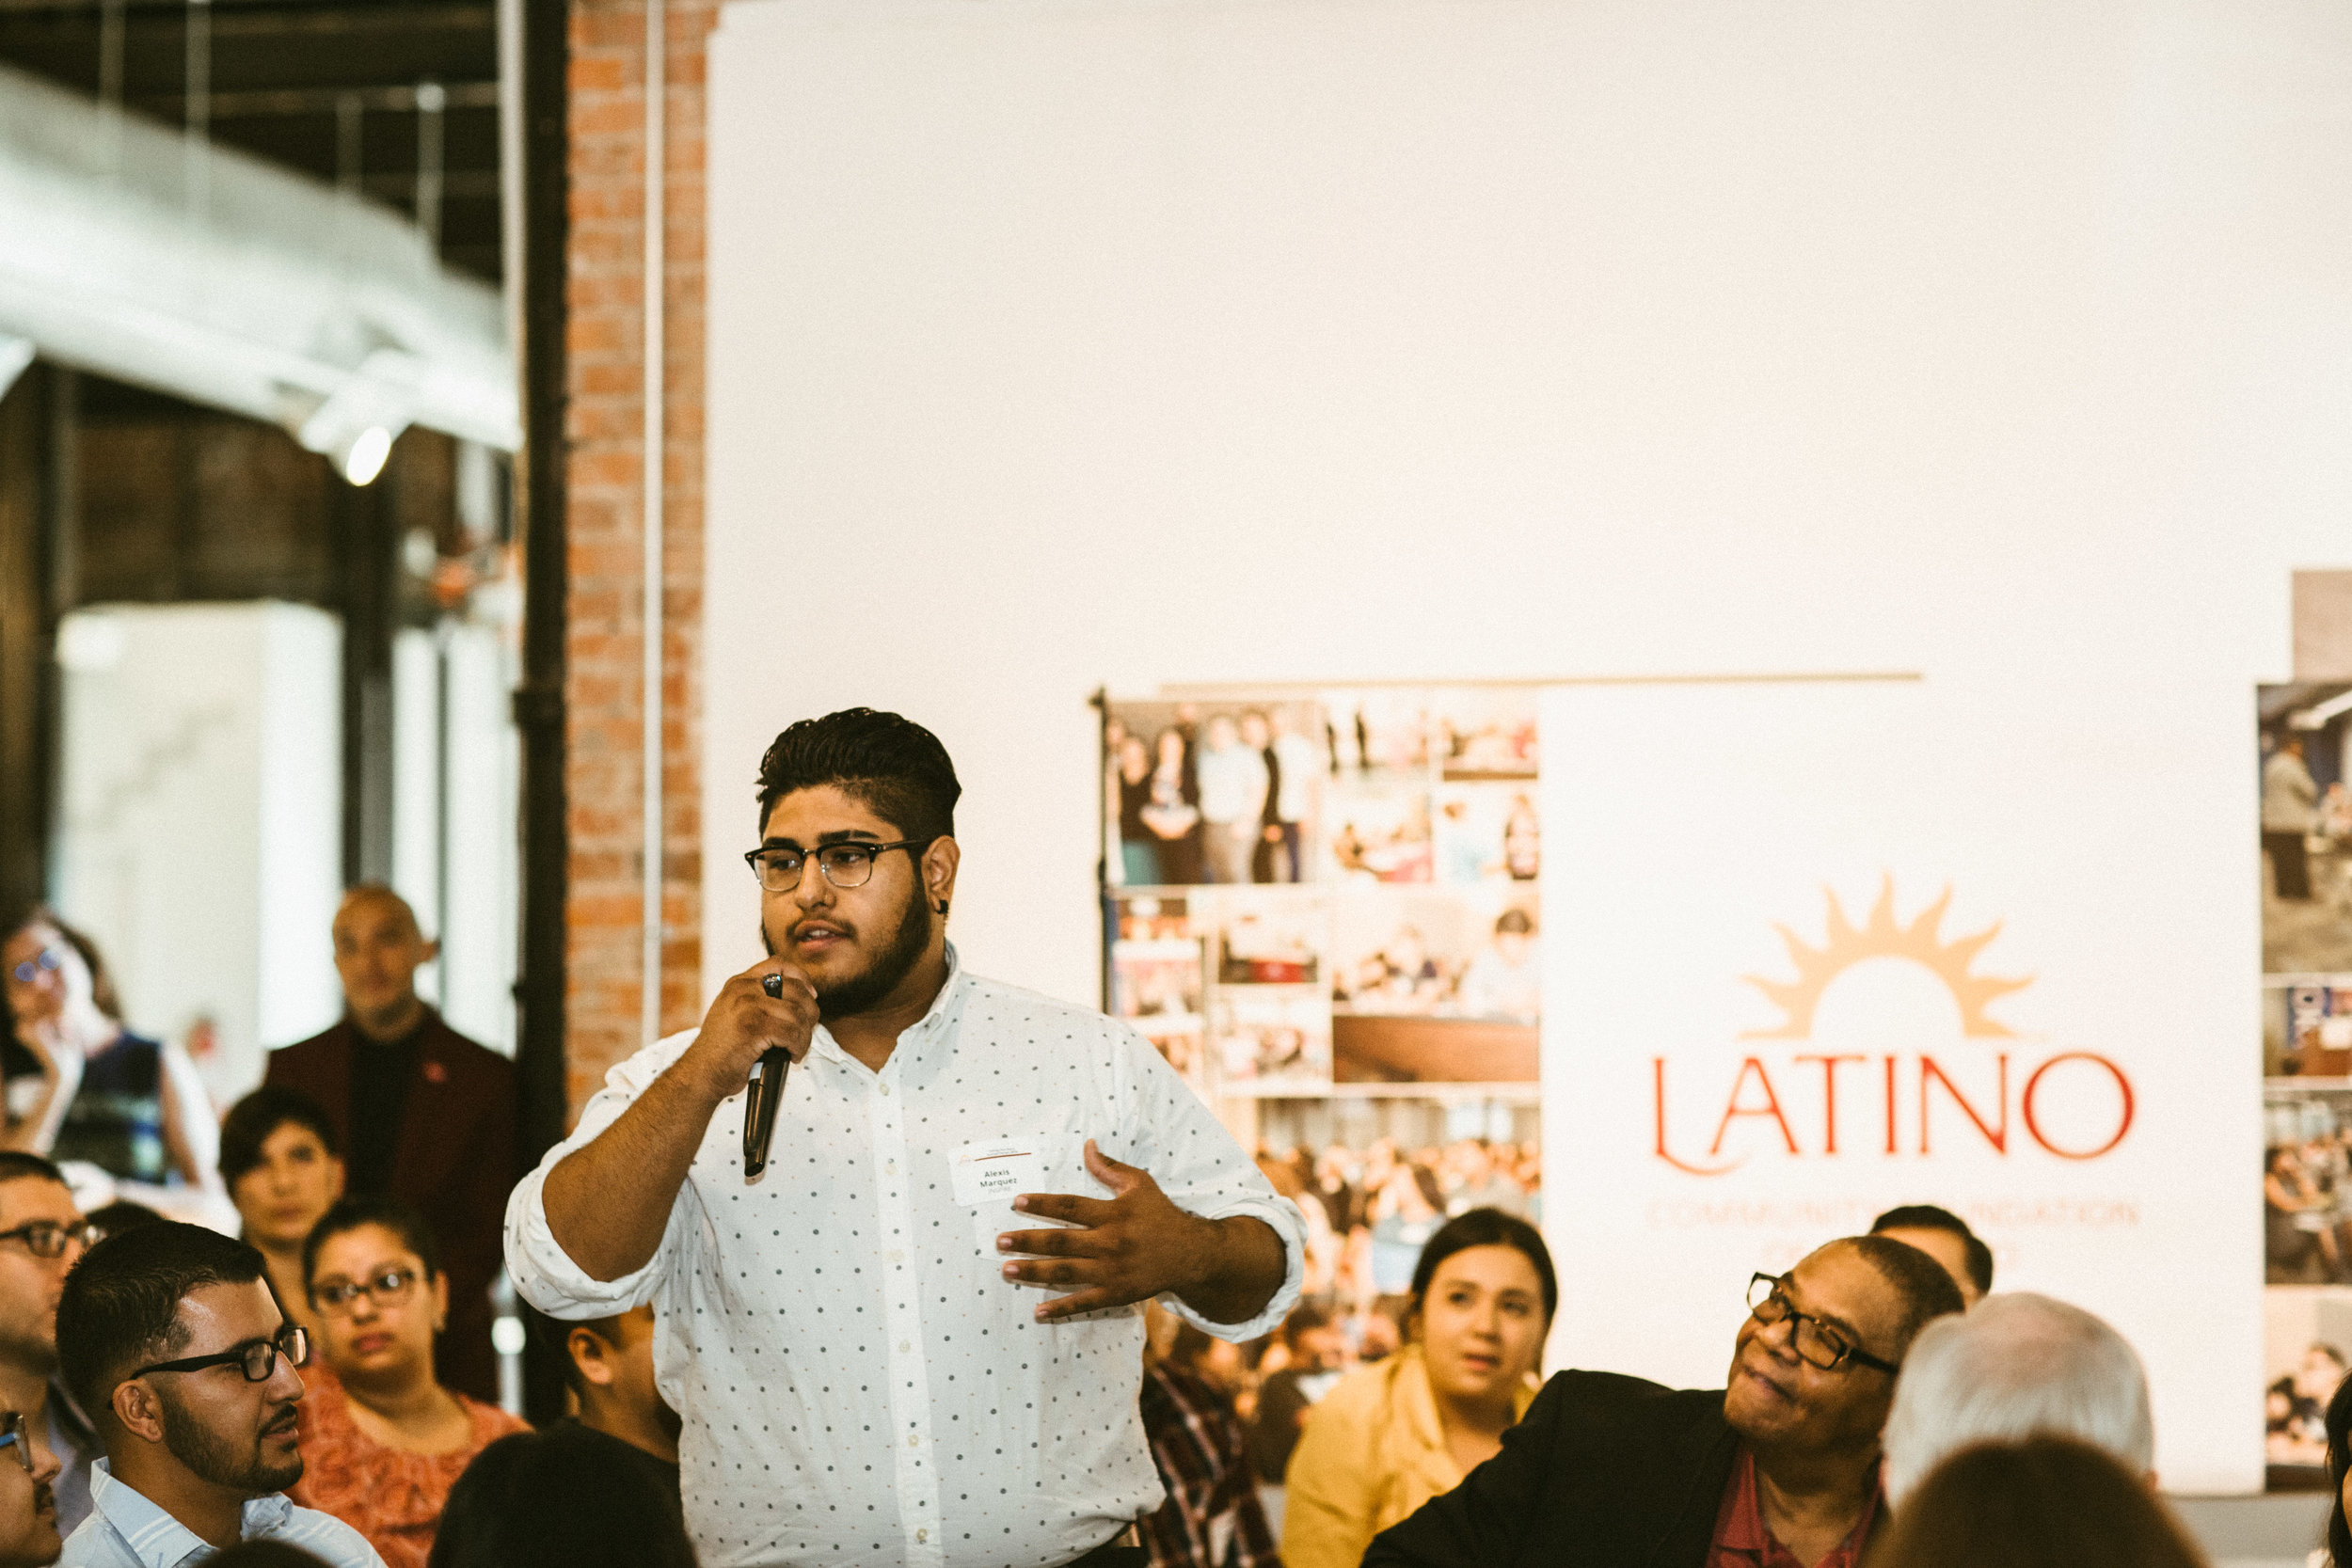 Telling our story forum: Visión 2020: Latinidad en Colorado - Sunday, September 15 —DenverDomingo, el 15 de septiembre - Denver